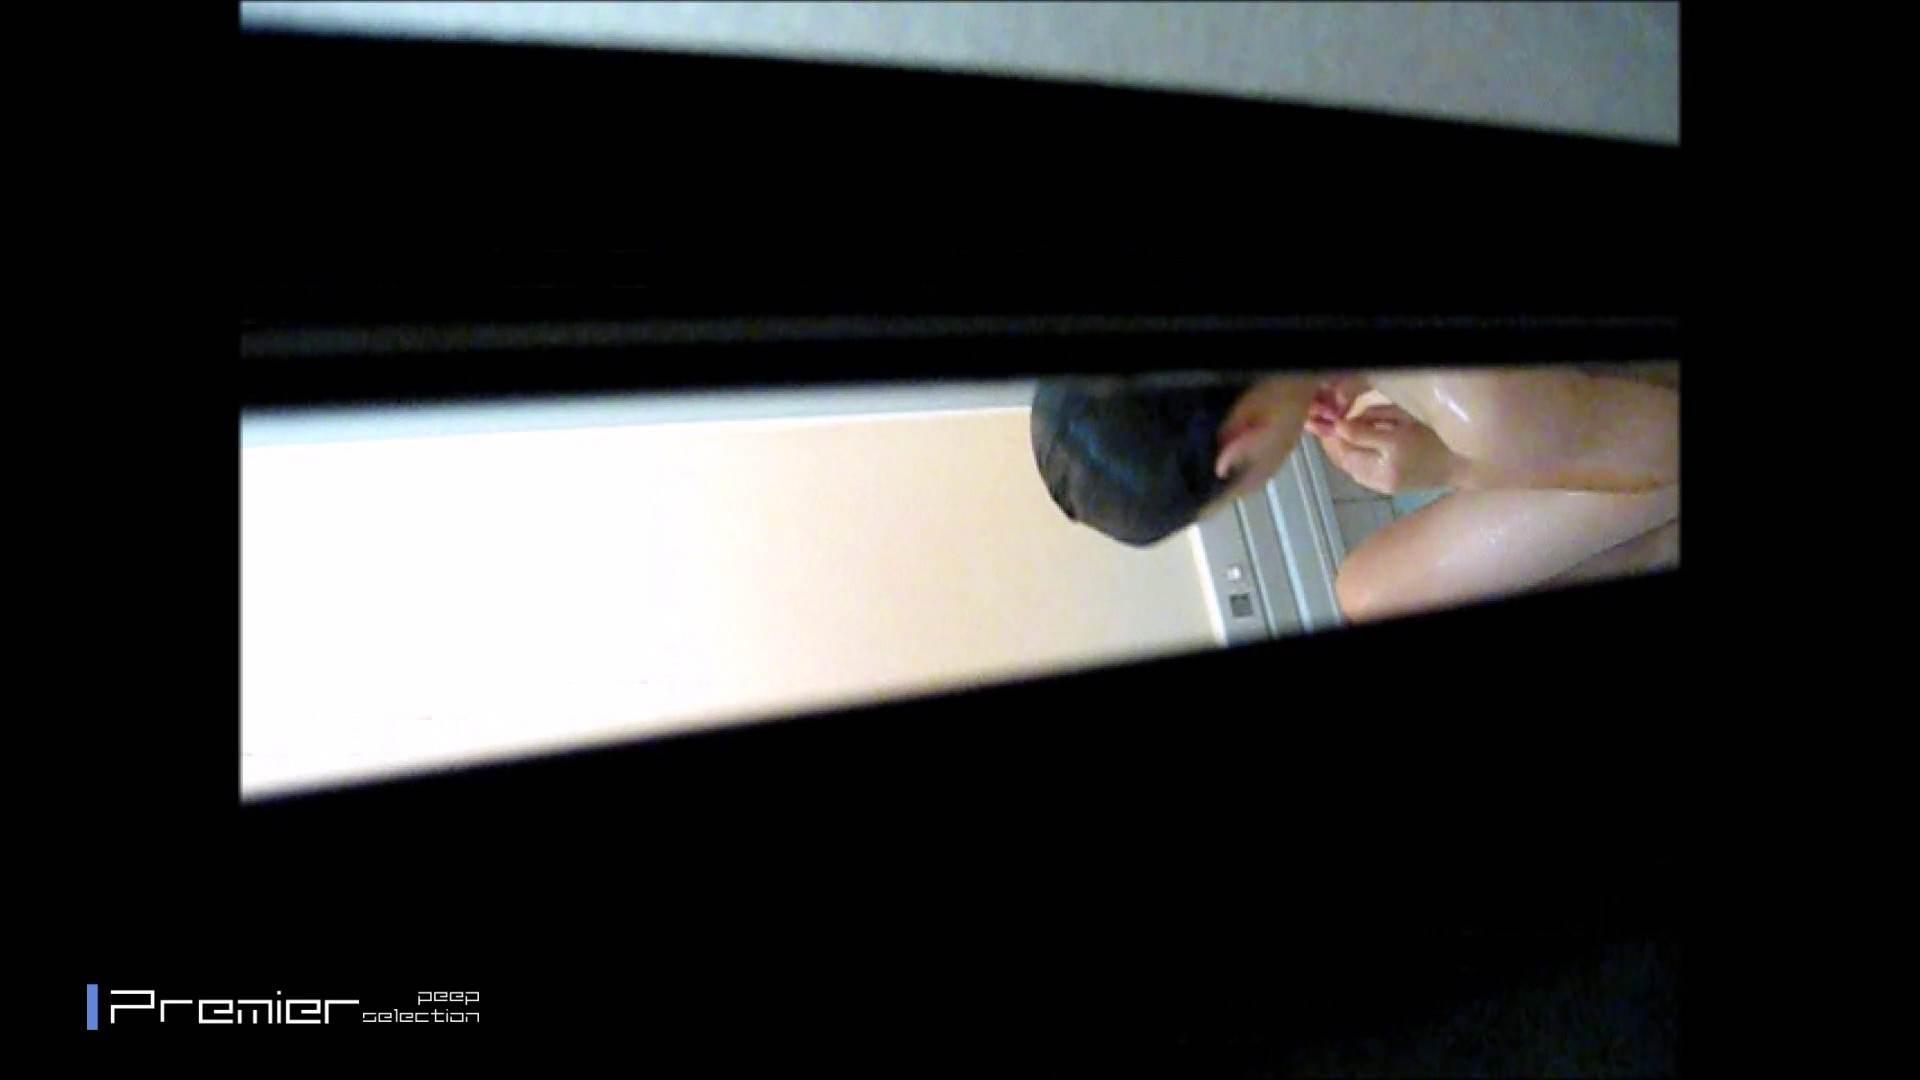 スレンダー美女の桃色乳首 乙女の風呂場 Vol.09 美女のボディ セックス無修正動画無料 77PIX 12